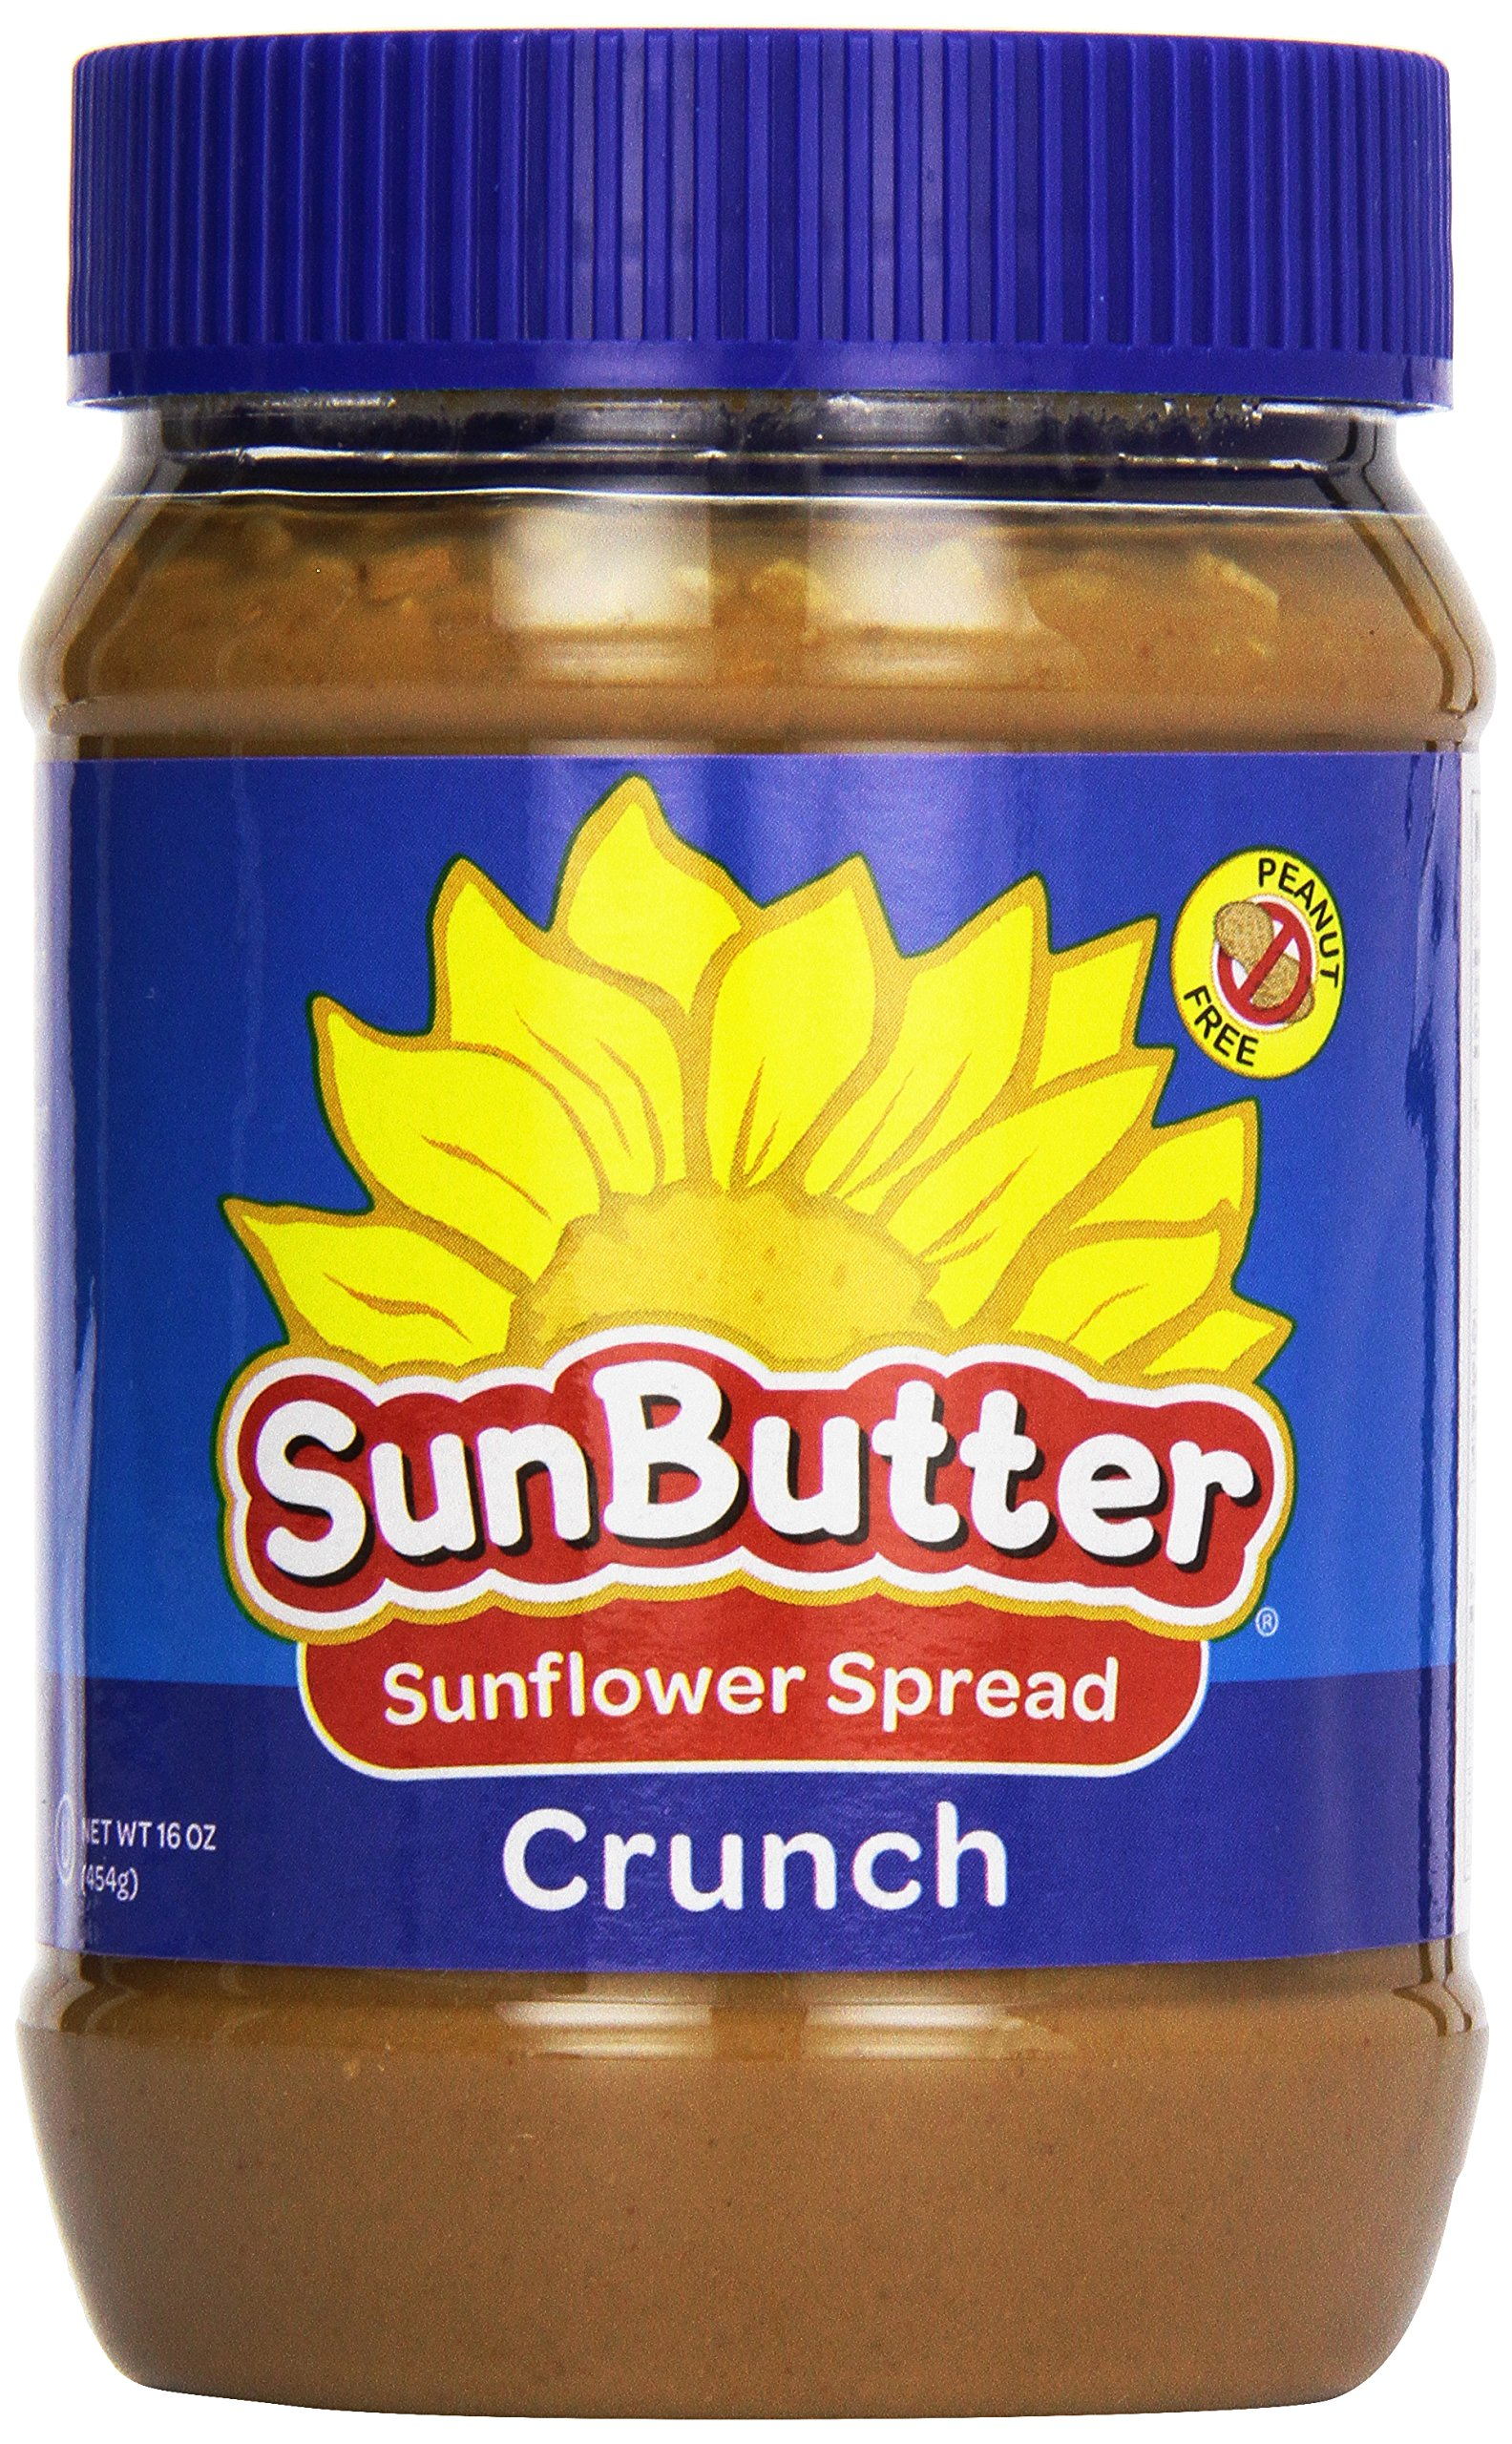 Sunbutter Natural Crunch Sunbutter, 16 oz